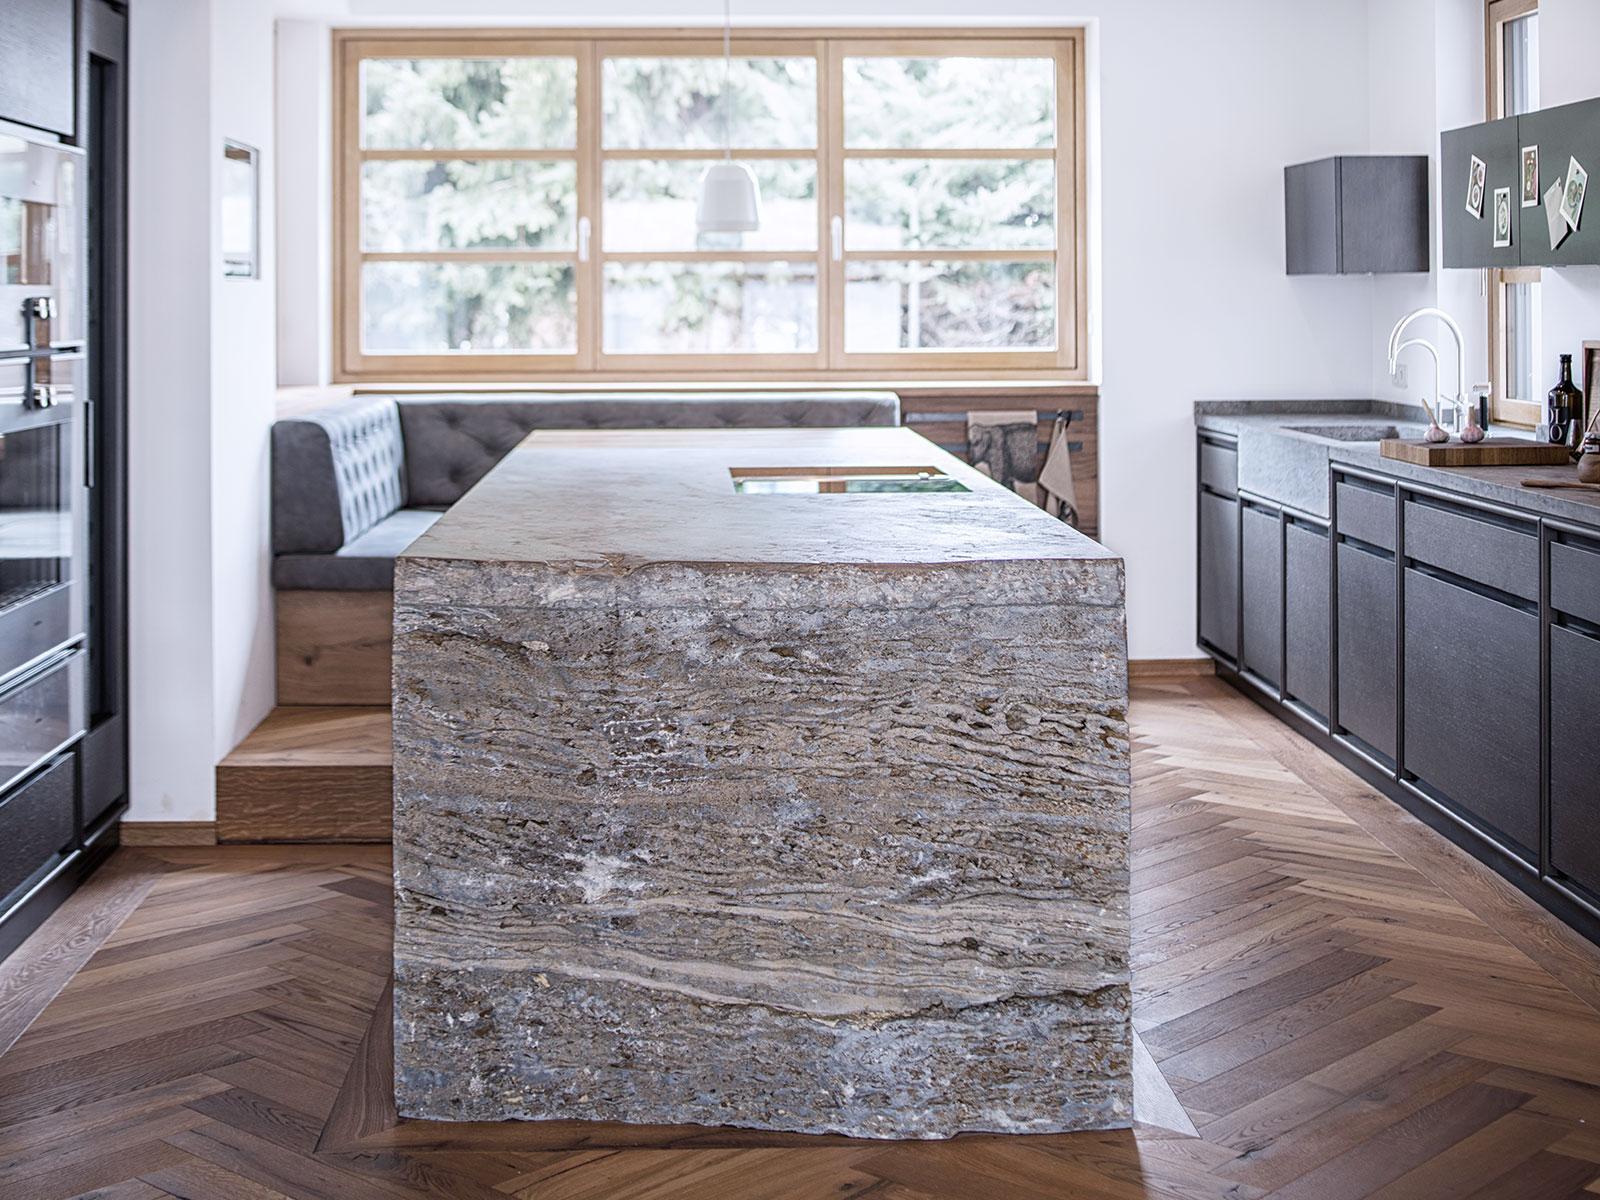 Outdoor Küche Rosenheim : Küche selber bauen bauanleitung ytong porenbeton steine youtube